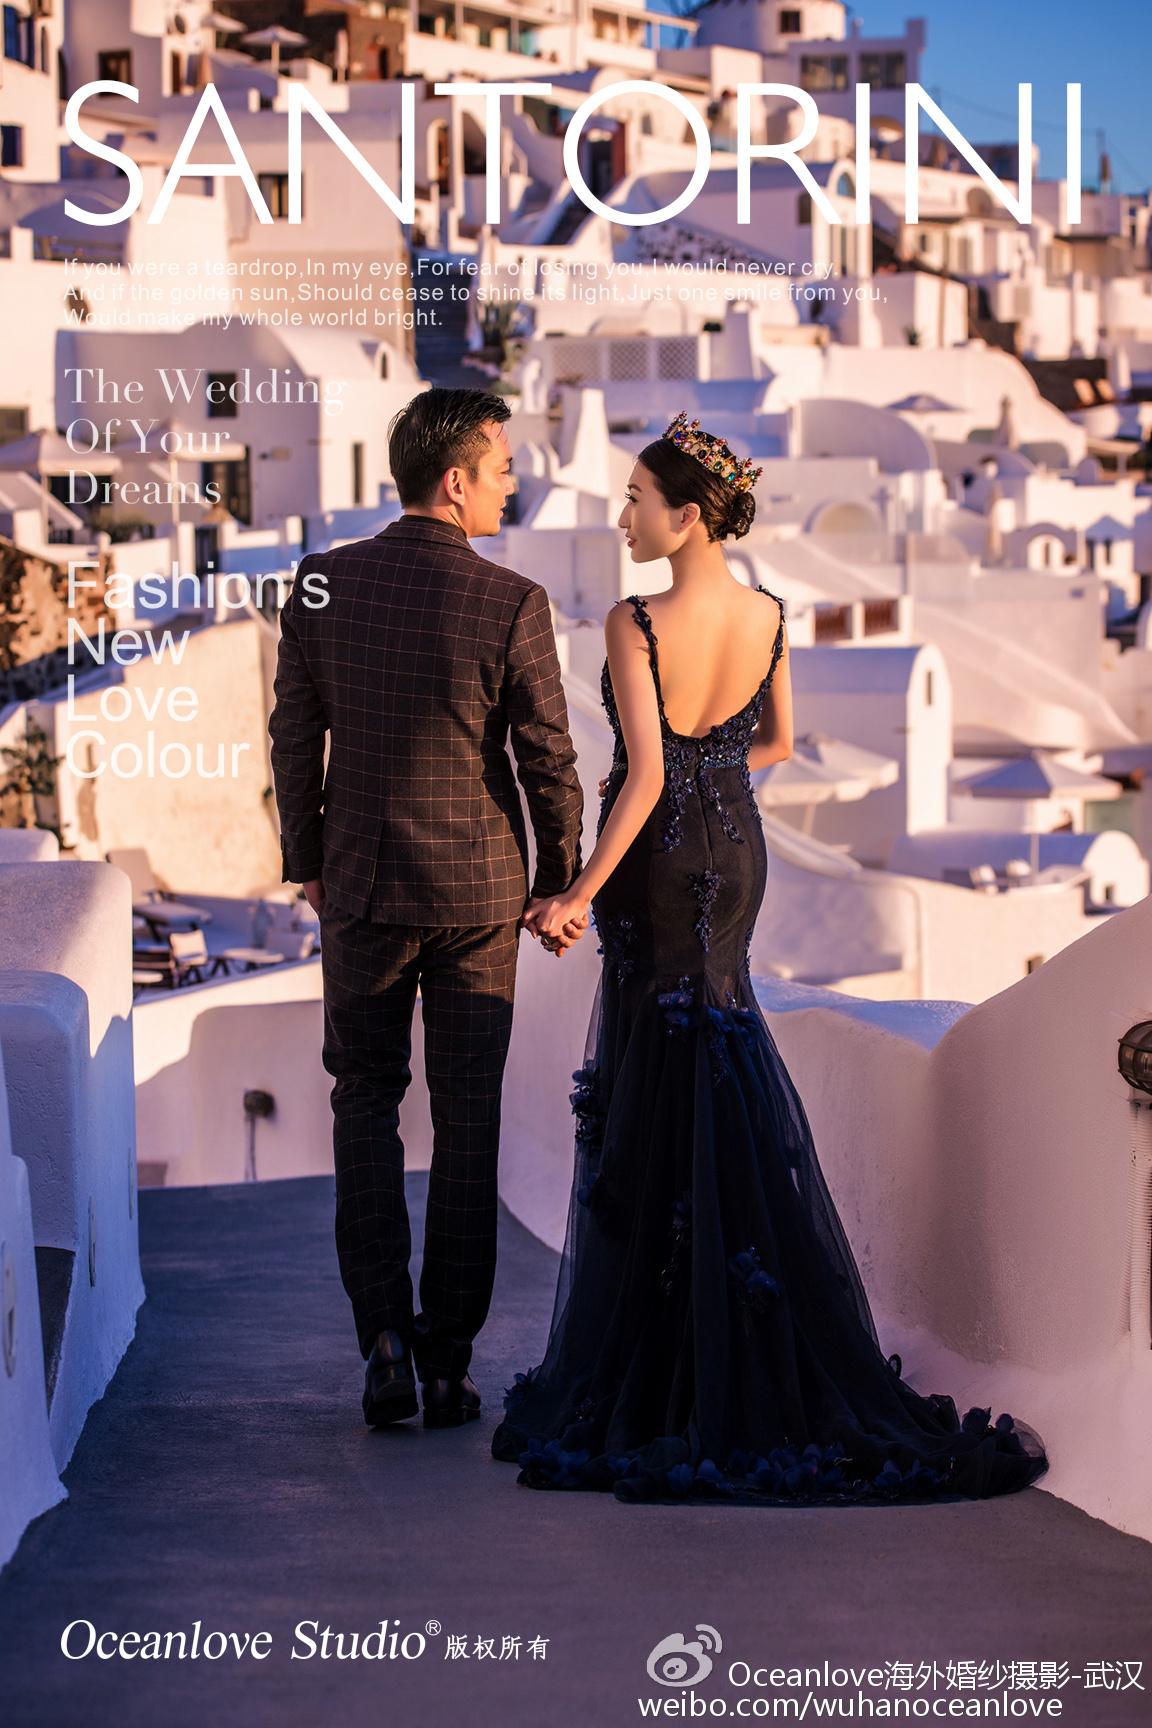 武汉圣托里尼婚纱照,武汉圣托里尼婚纱摄影,希腊圣托里尼旅拍,圣托里尼当地工作室